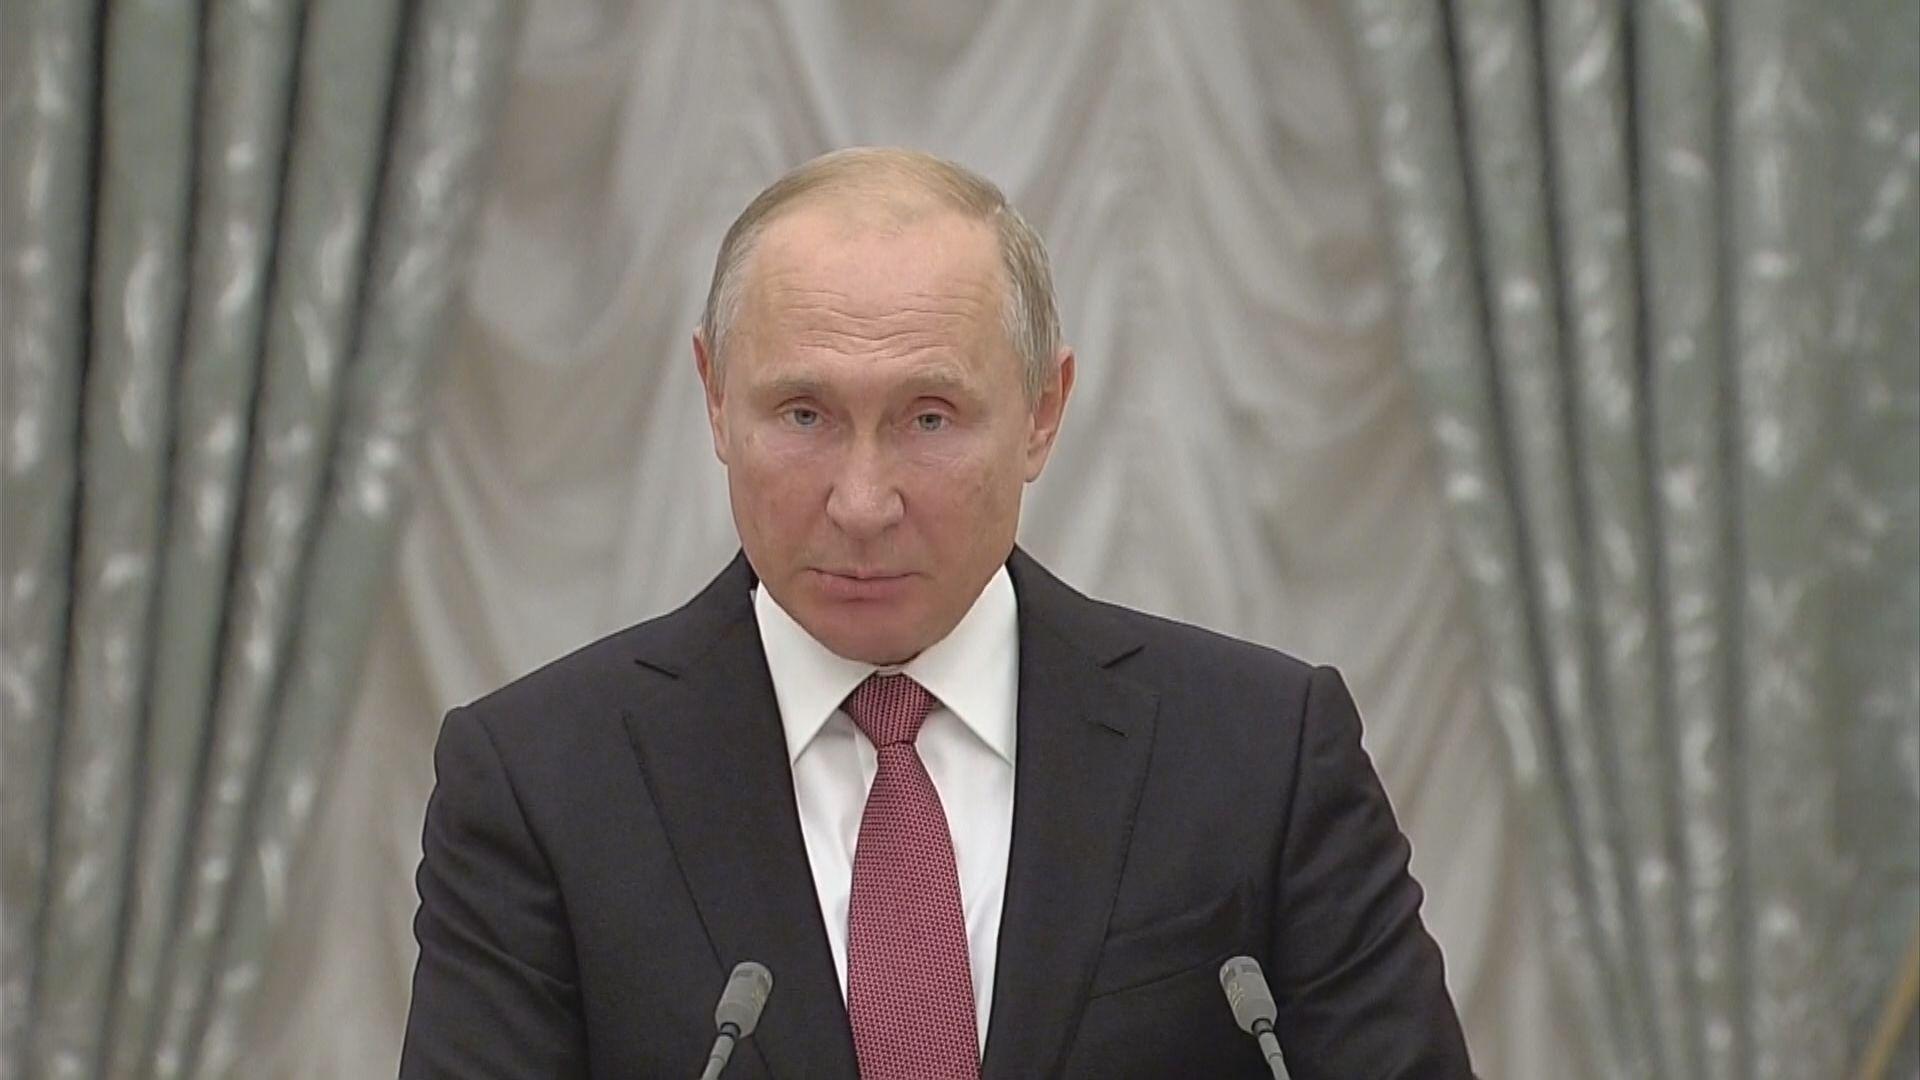 普京斥烏克蘭出於政治動機挑釁